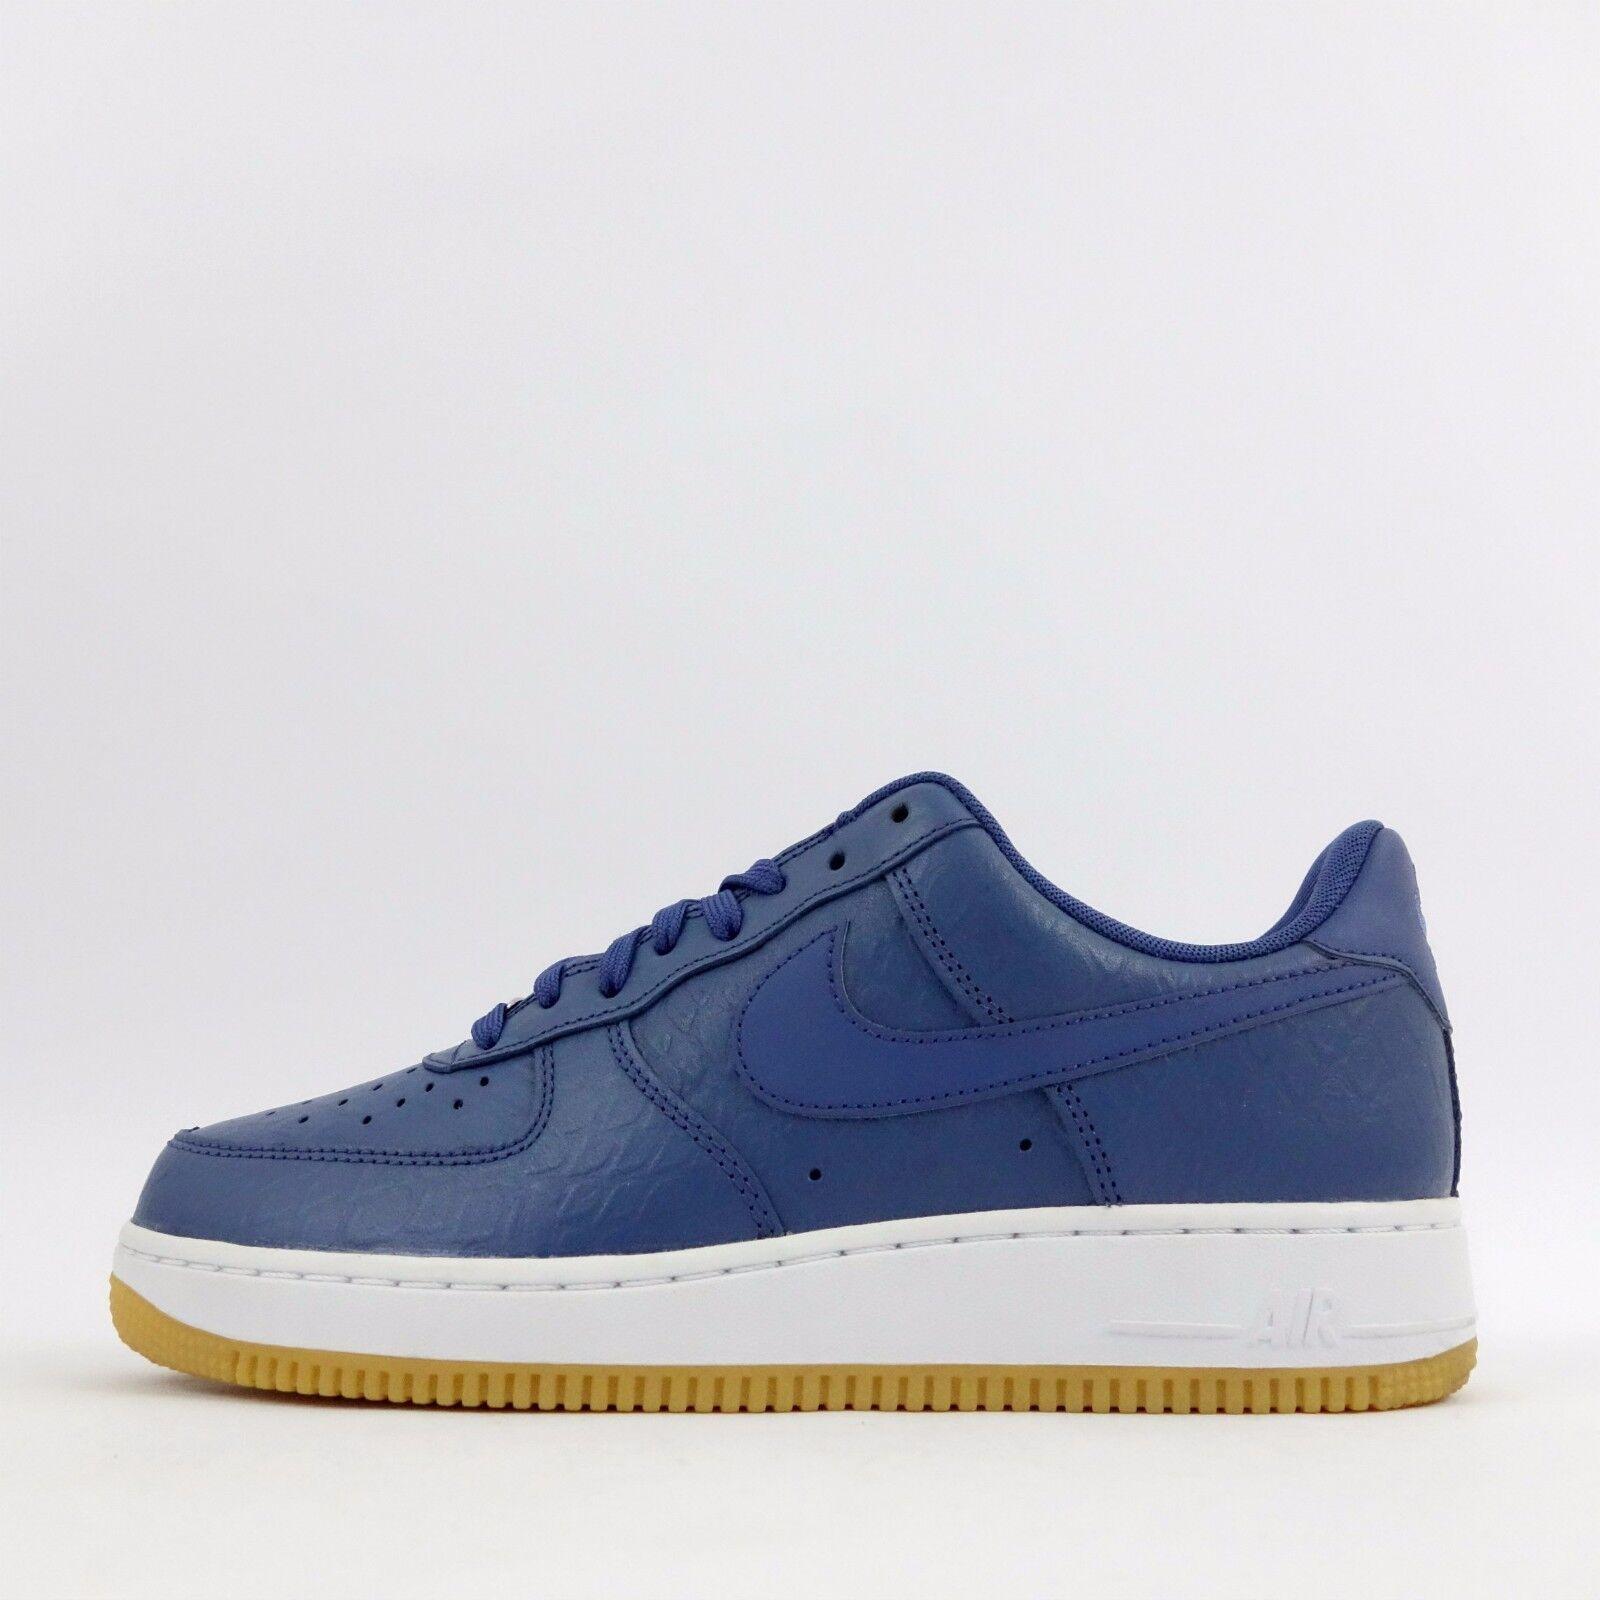 Nike Force Zapatillas 1 bajo 07 'Air LV8 Para hombre Zapatillas Force Zapatos  Azul/Blanco d9c81e